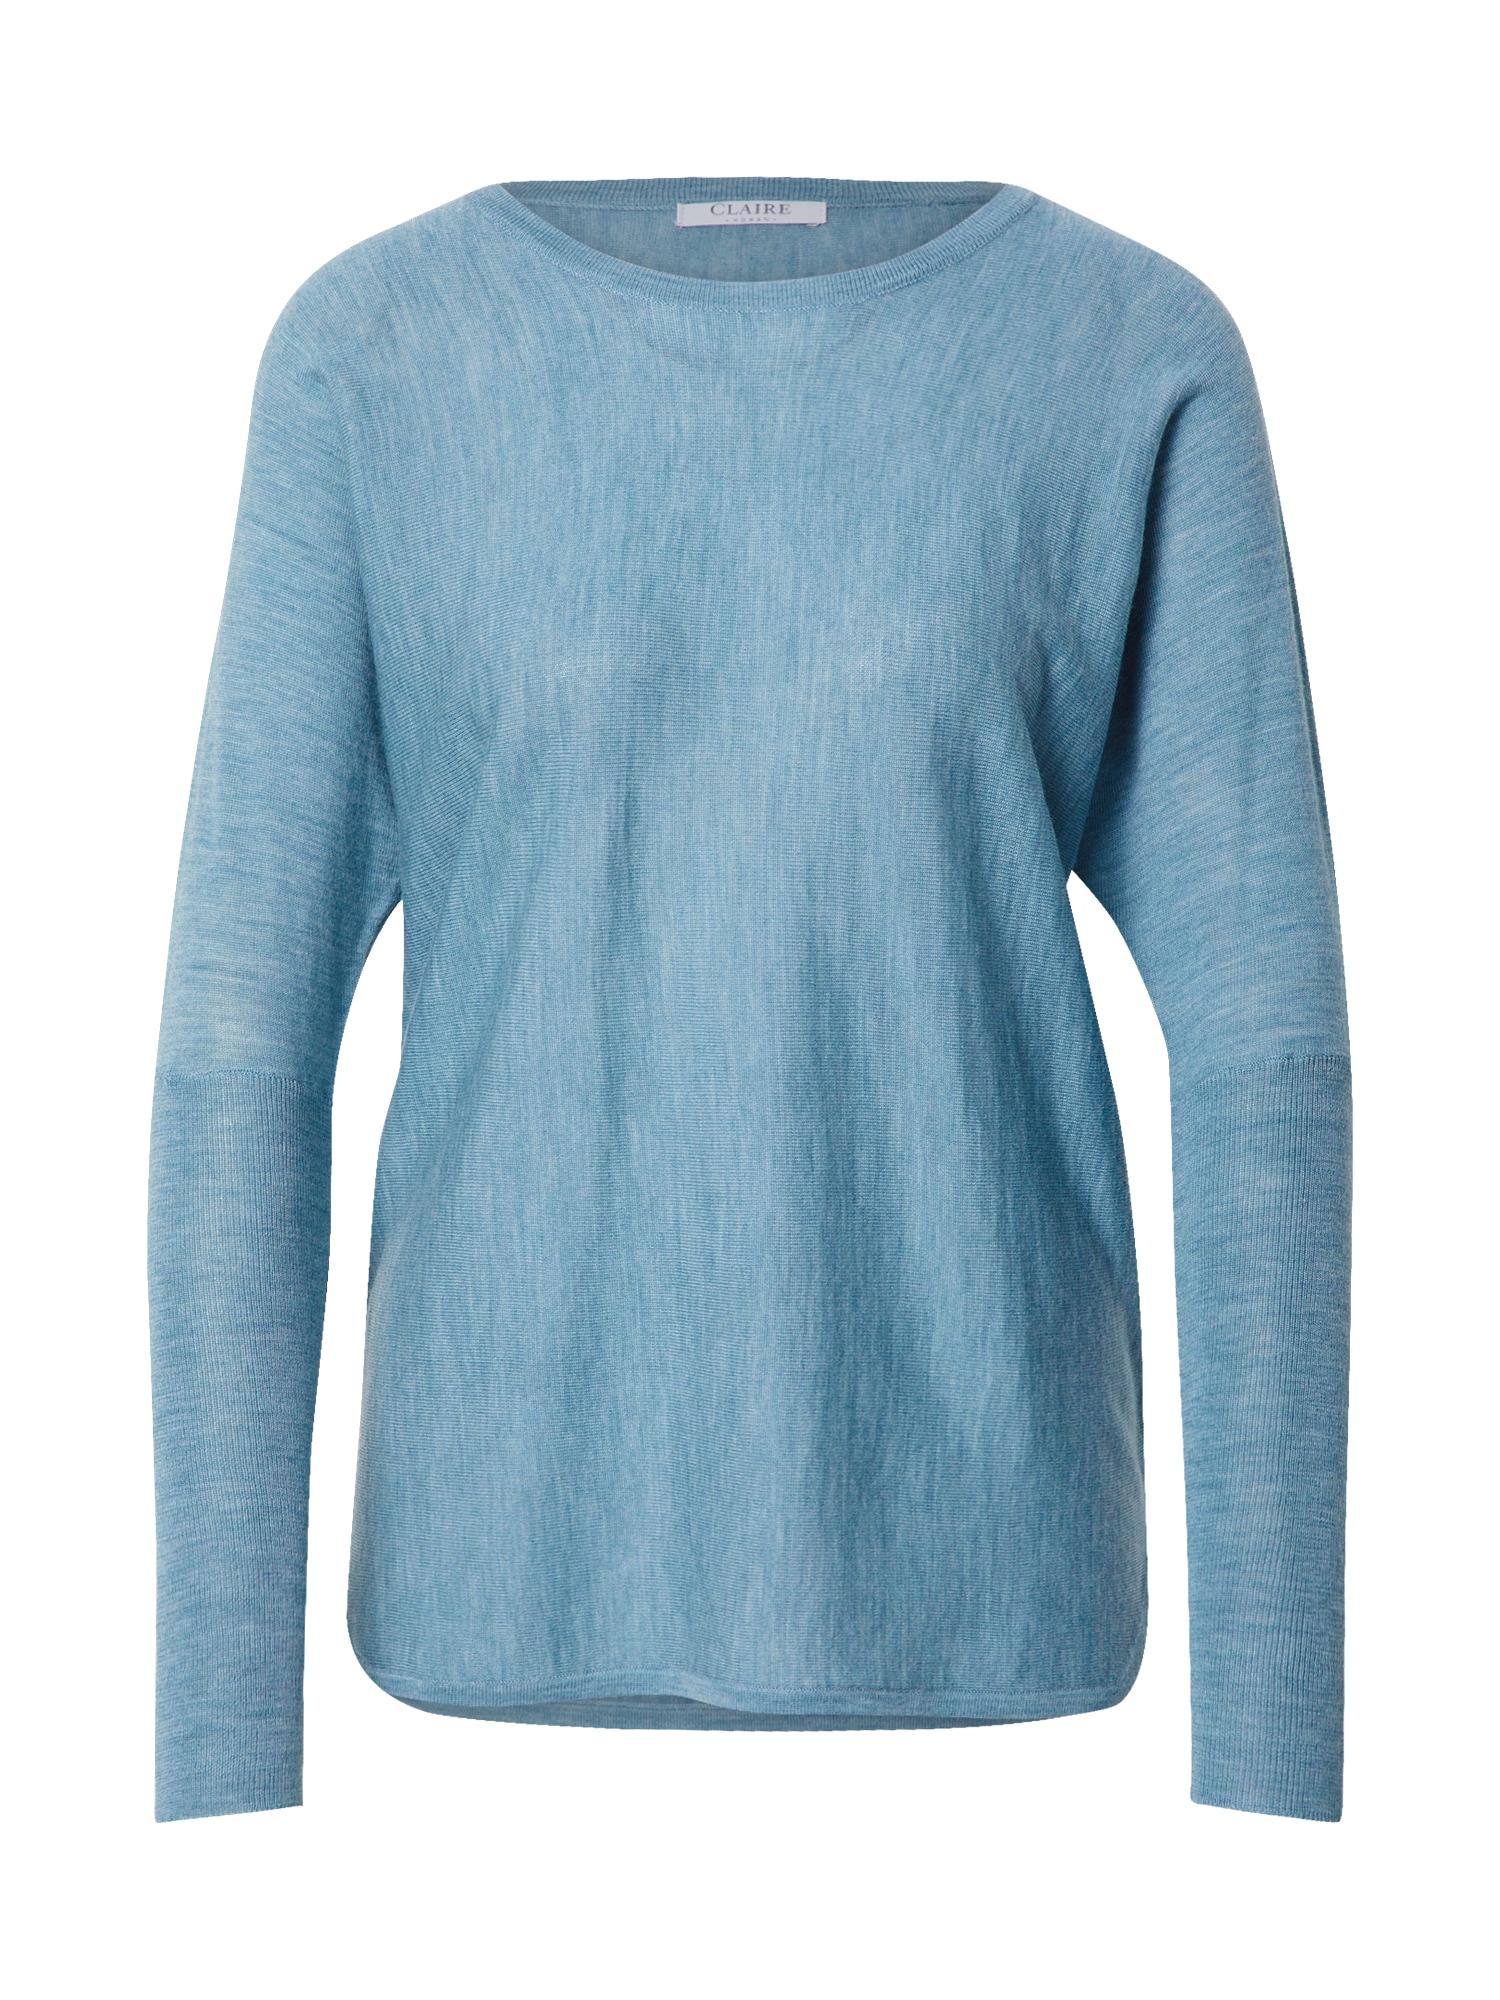 Claire Megztinis 'Pippa' mėlyna dūmų spalva